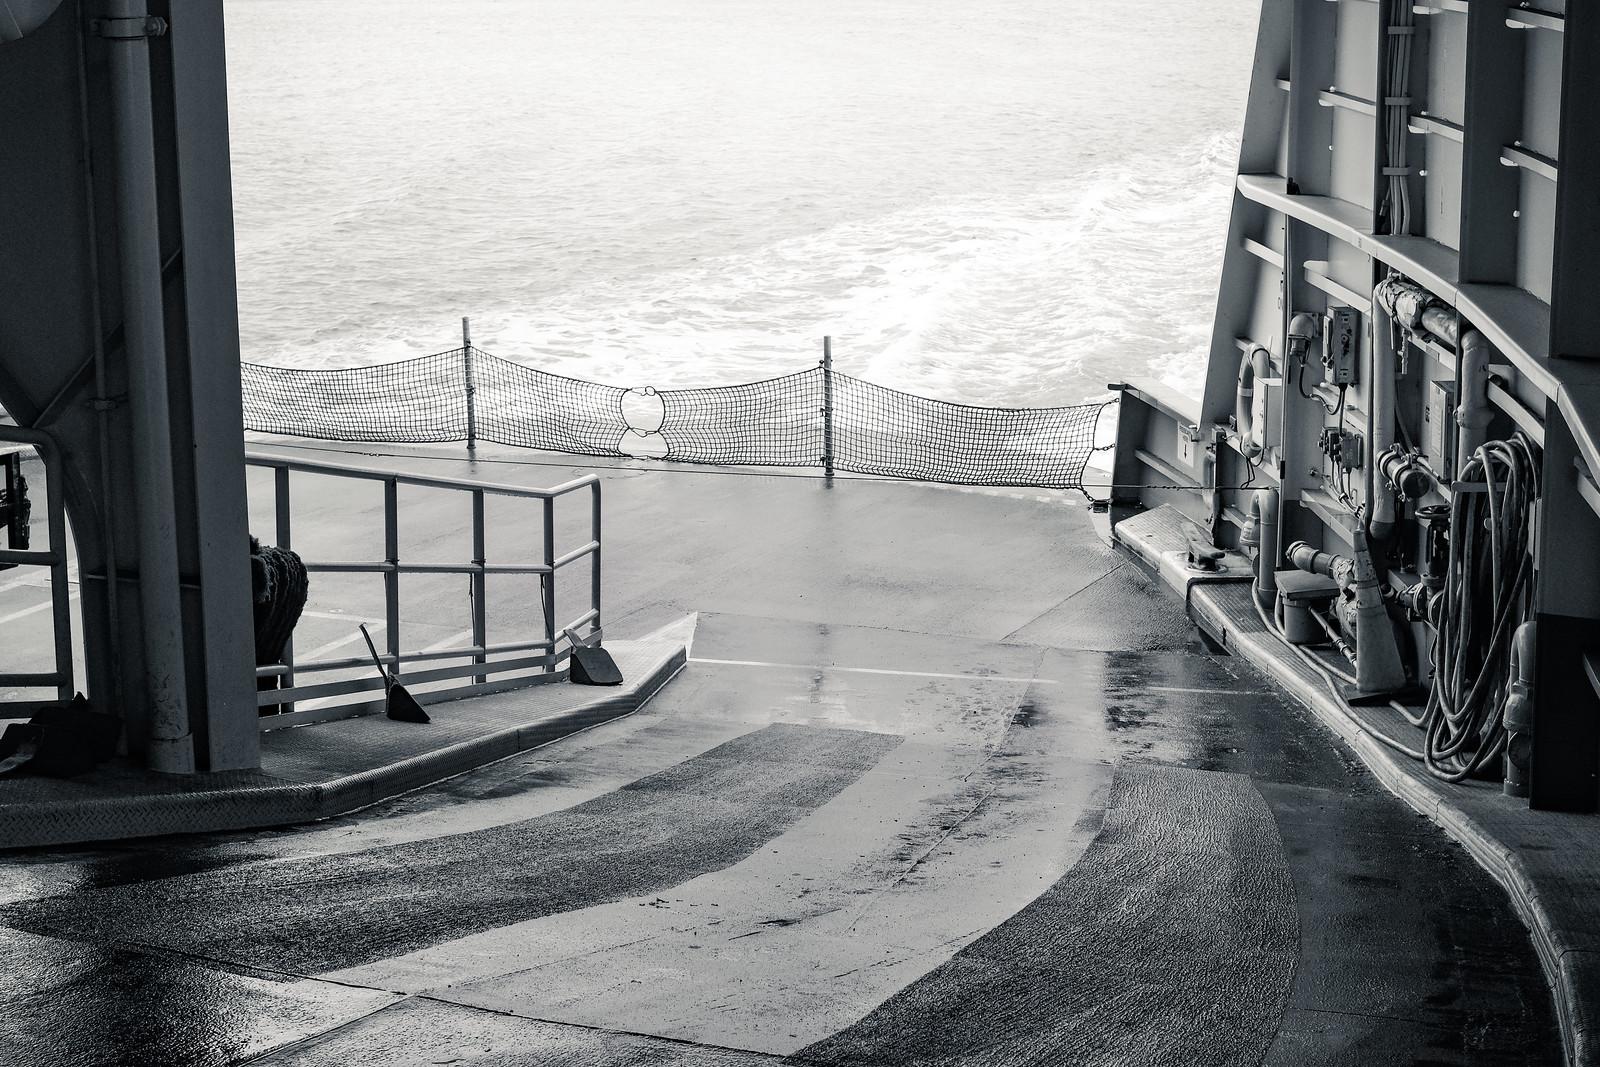 Car Deck, Aft   by Nicholas Lyle